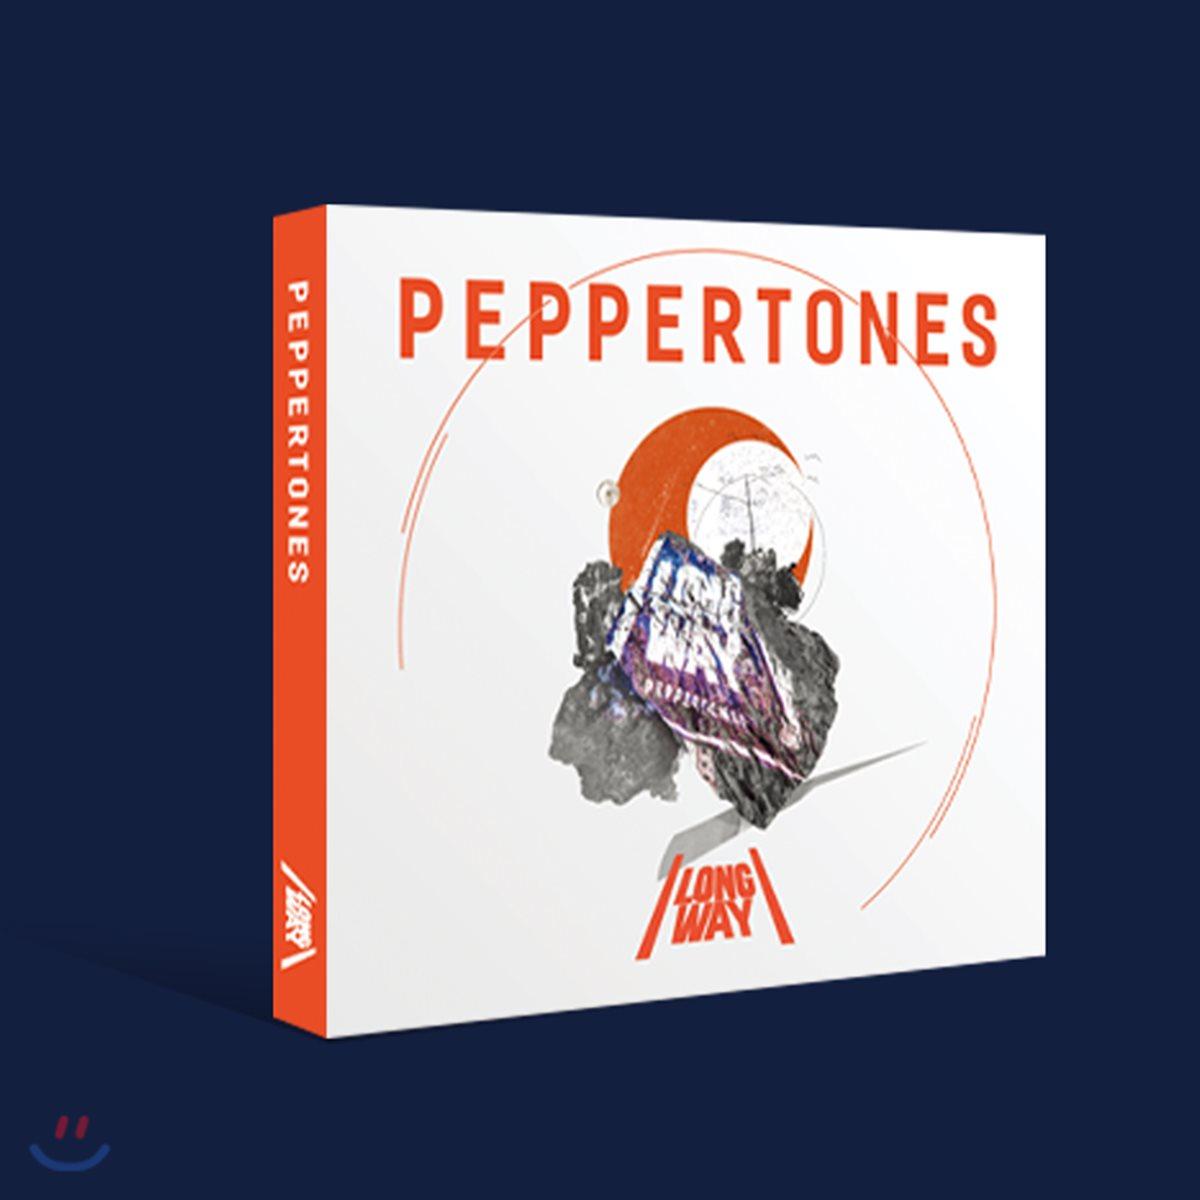 페퍼톤스 (Peppertones) 6집 - Long Way